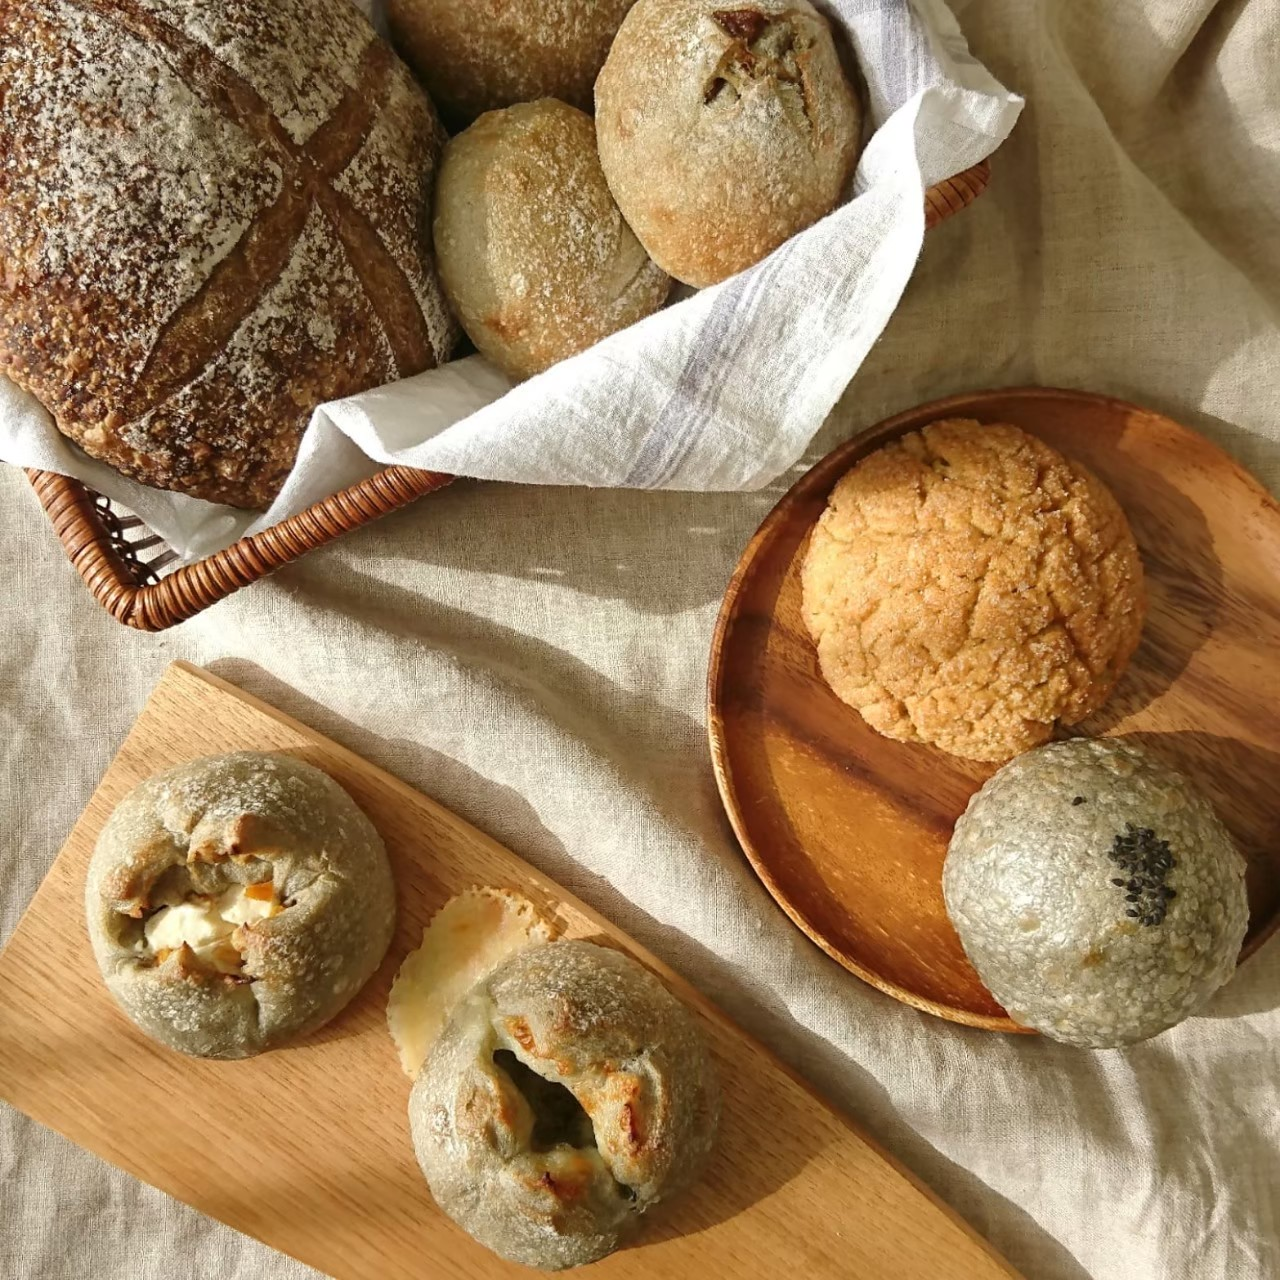 bakery+ arinomamma